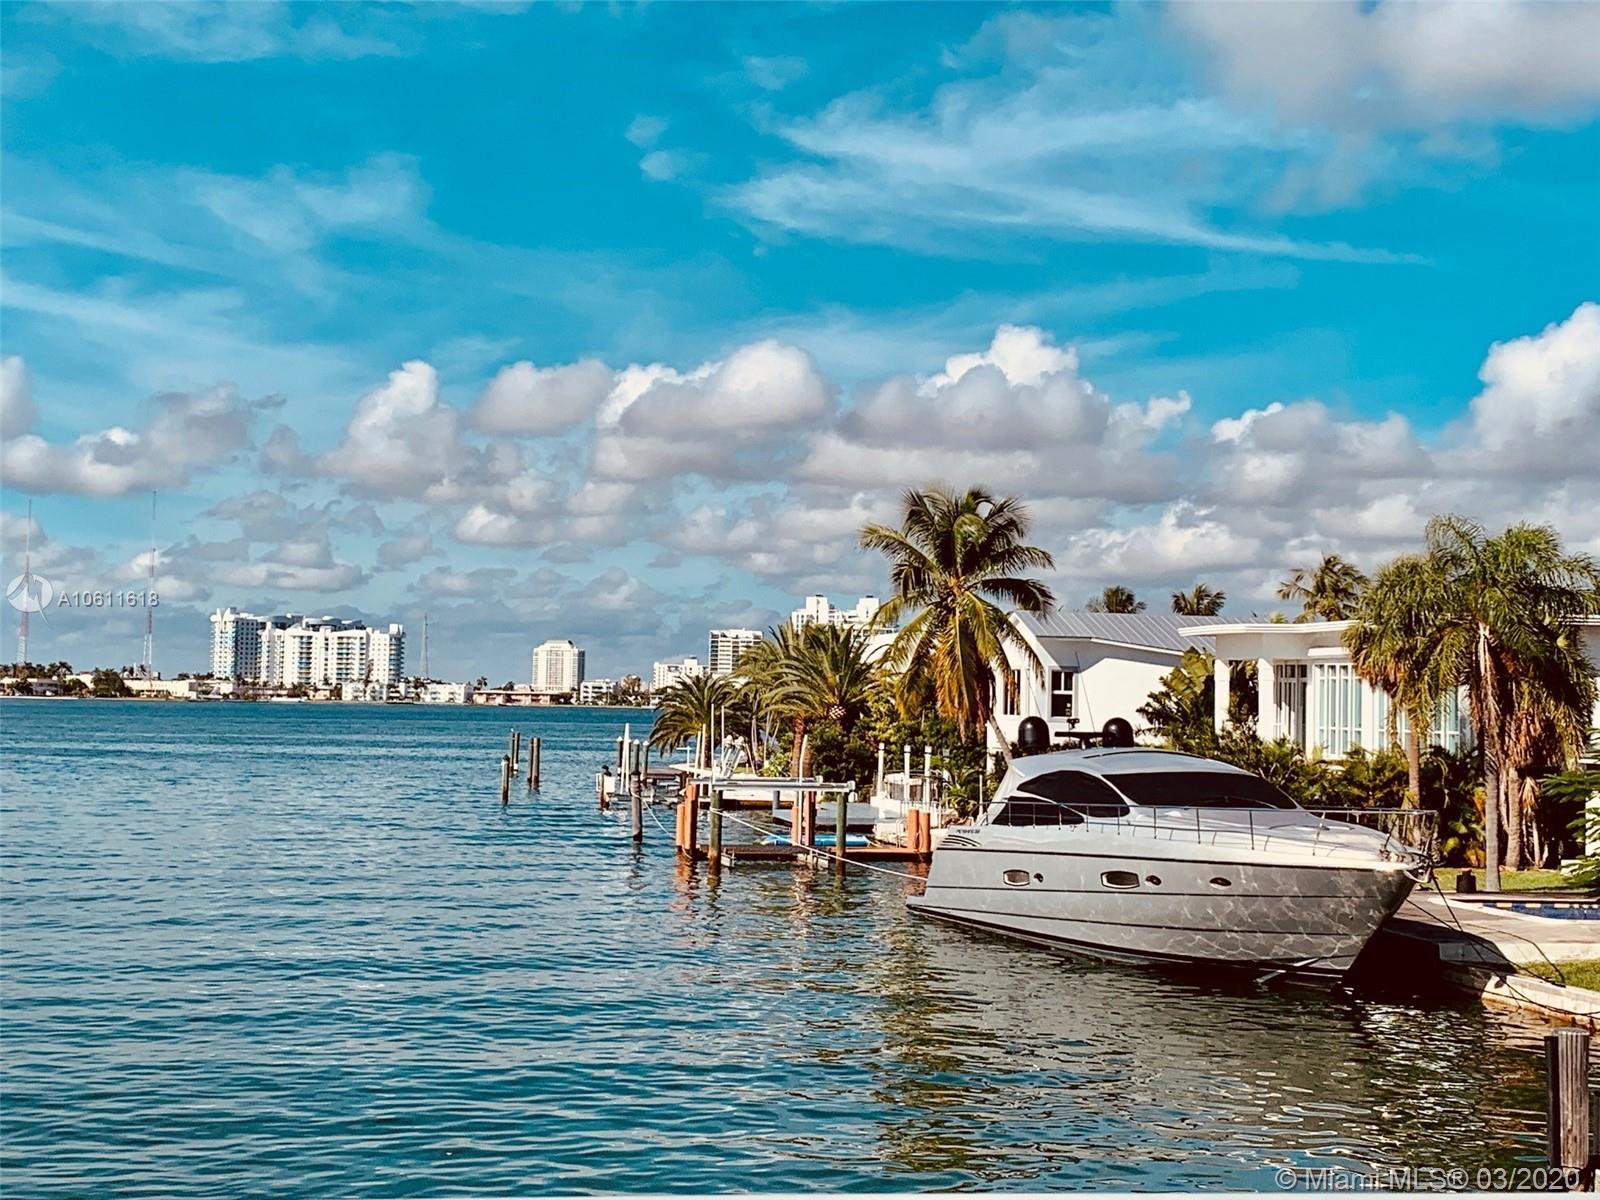 1040 S Shore Dr, Miami Beach, FL 33141